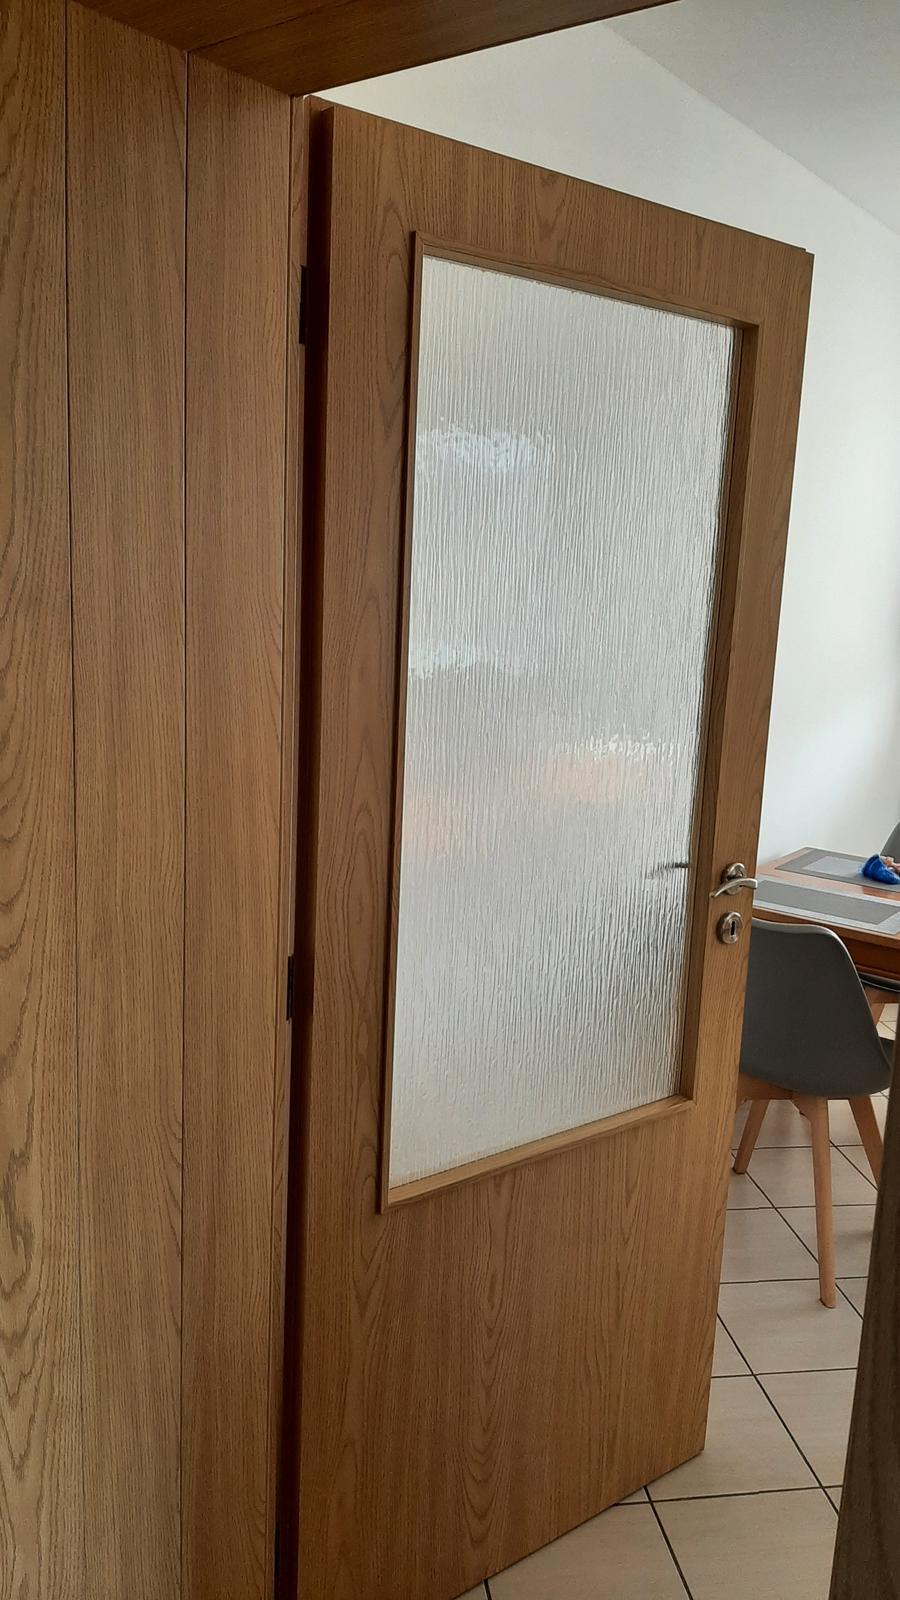 Interiérové dvere prave - Obrázok č. 1